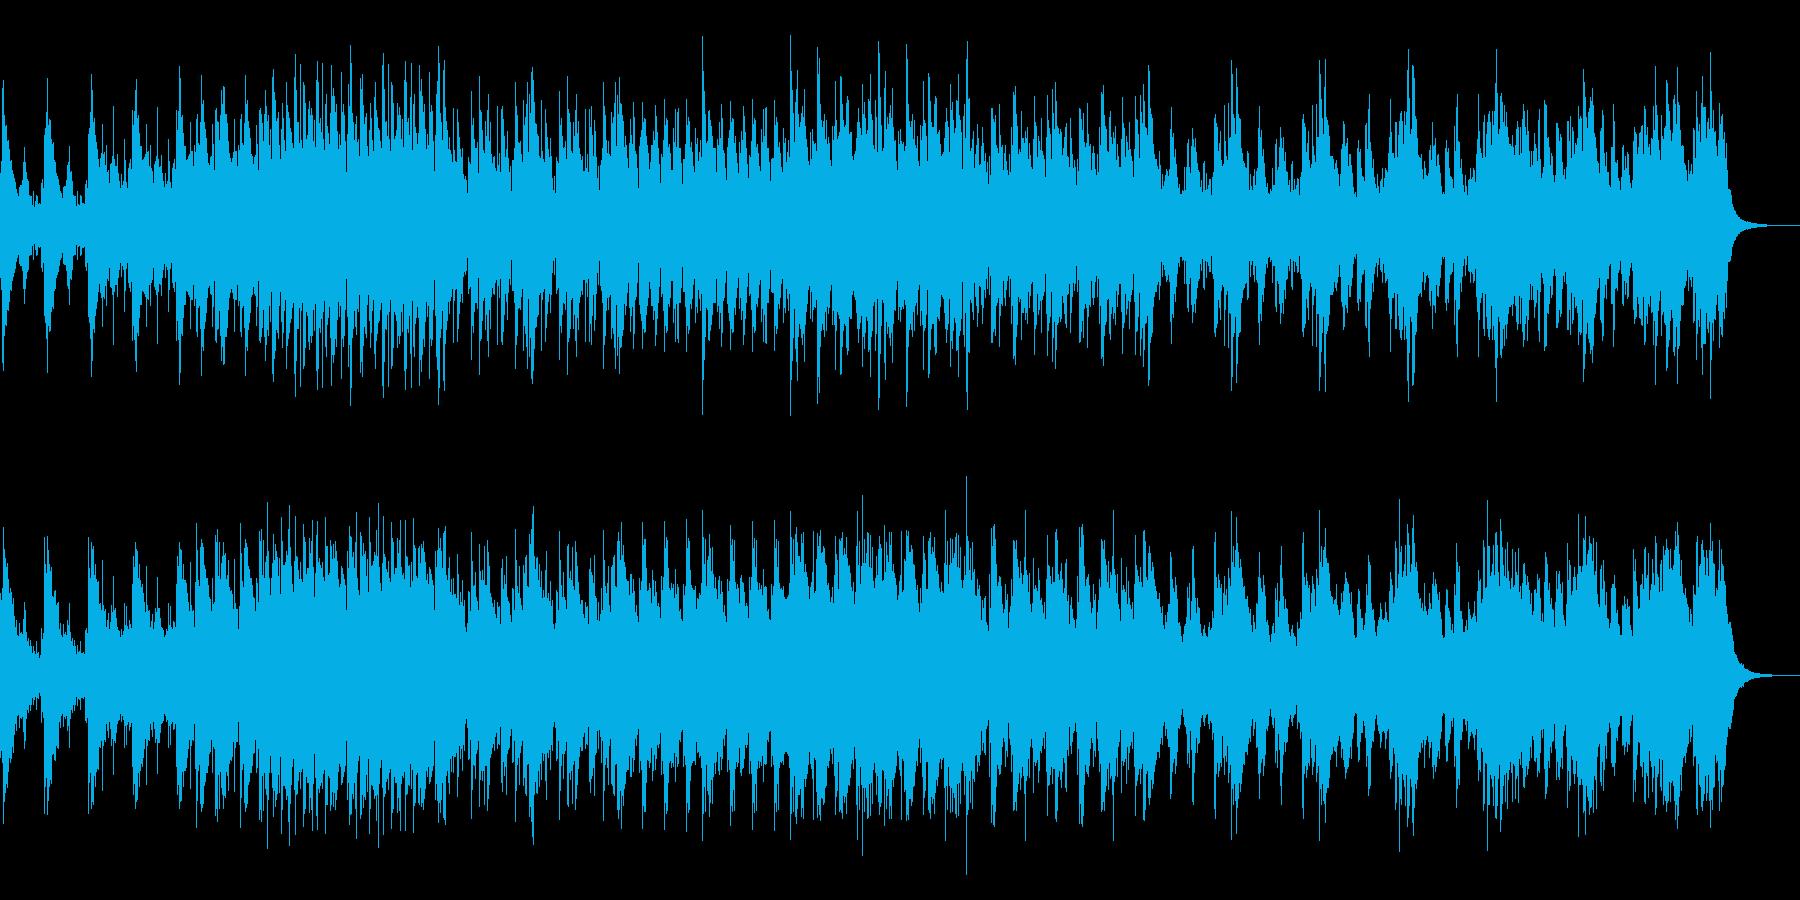 和風 現代的な和太鼓アンサンブルの再生済みの波形